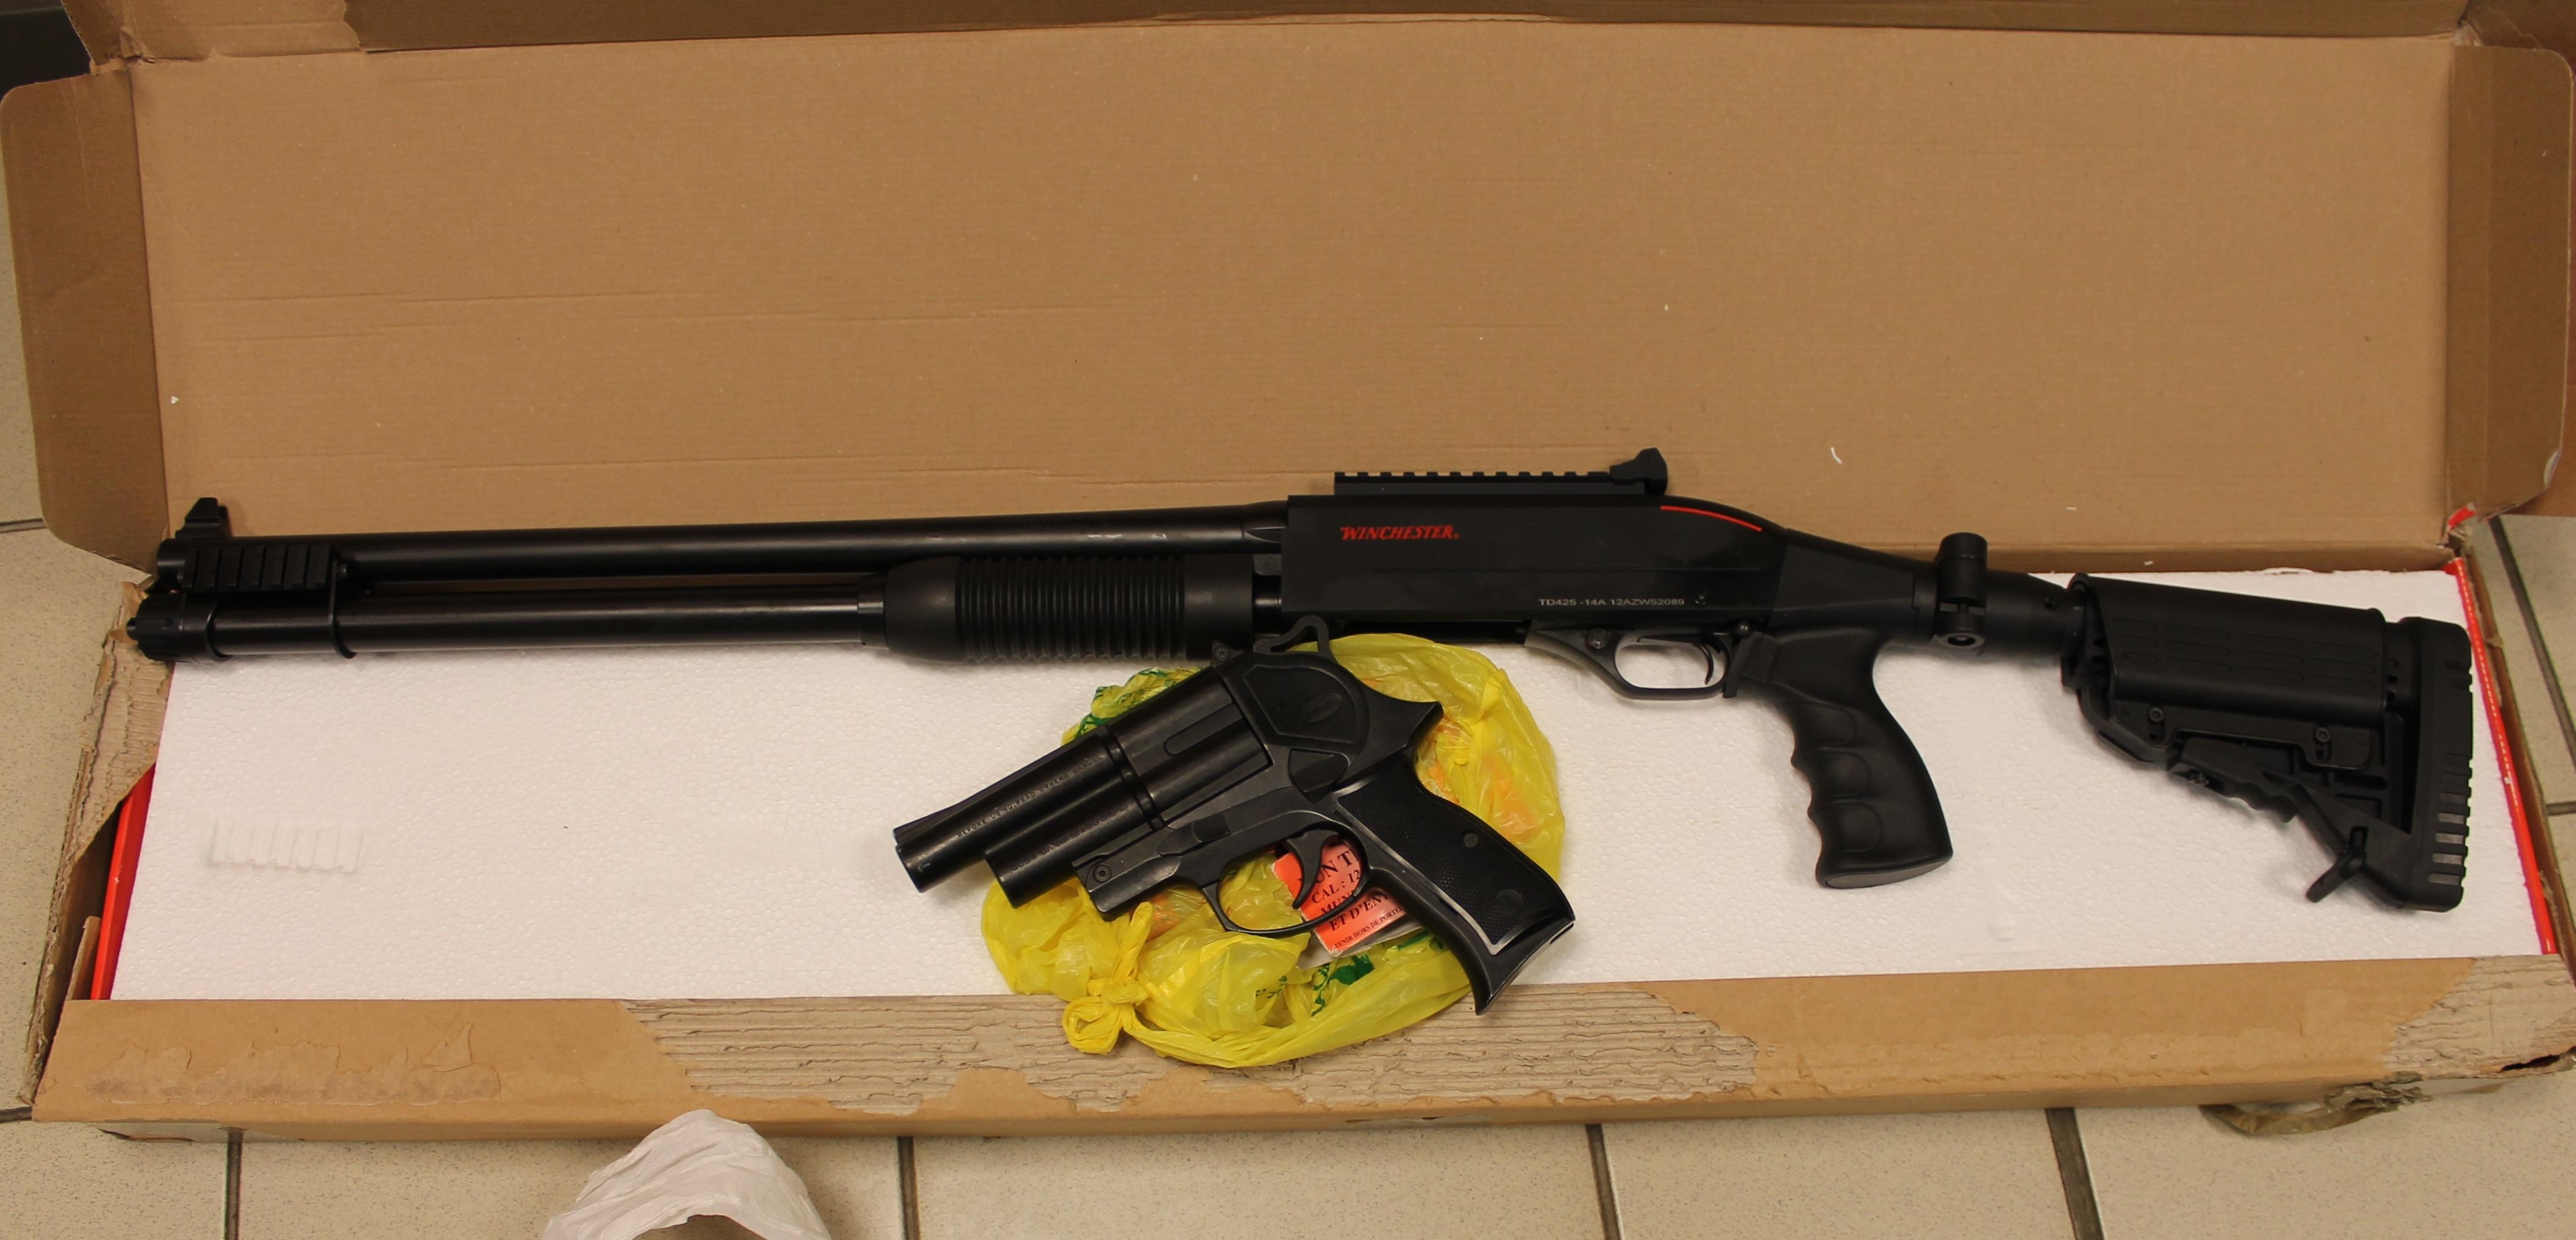 Un fusil à pompe, un revolver et leurs munitions ont été découverts entre autres par les enquêteurs de la douane (Photo :@Douane)